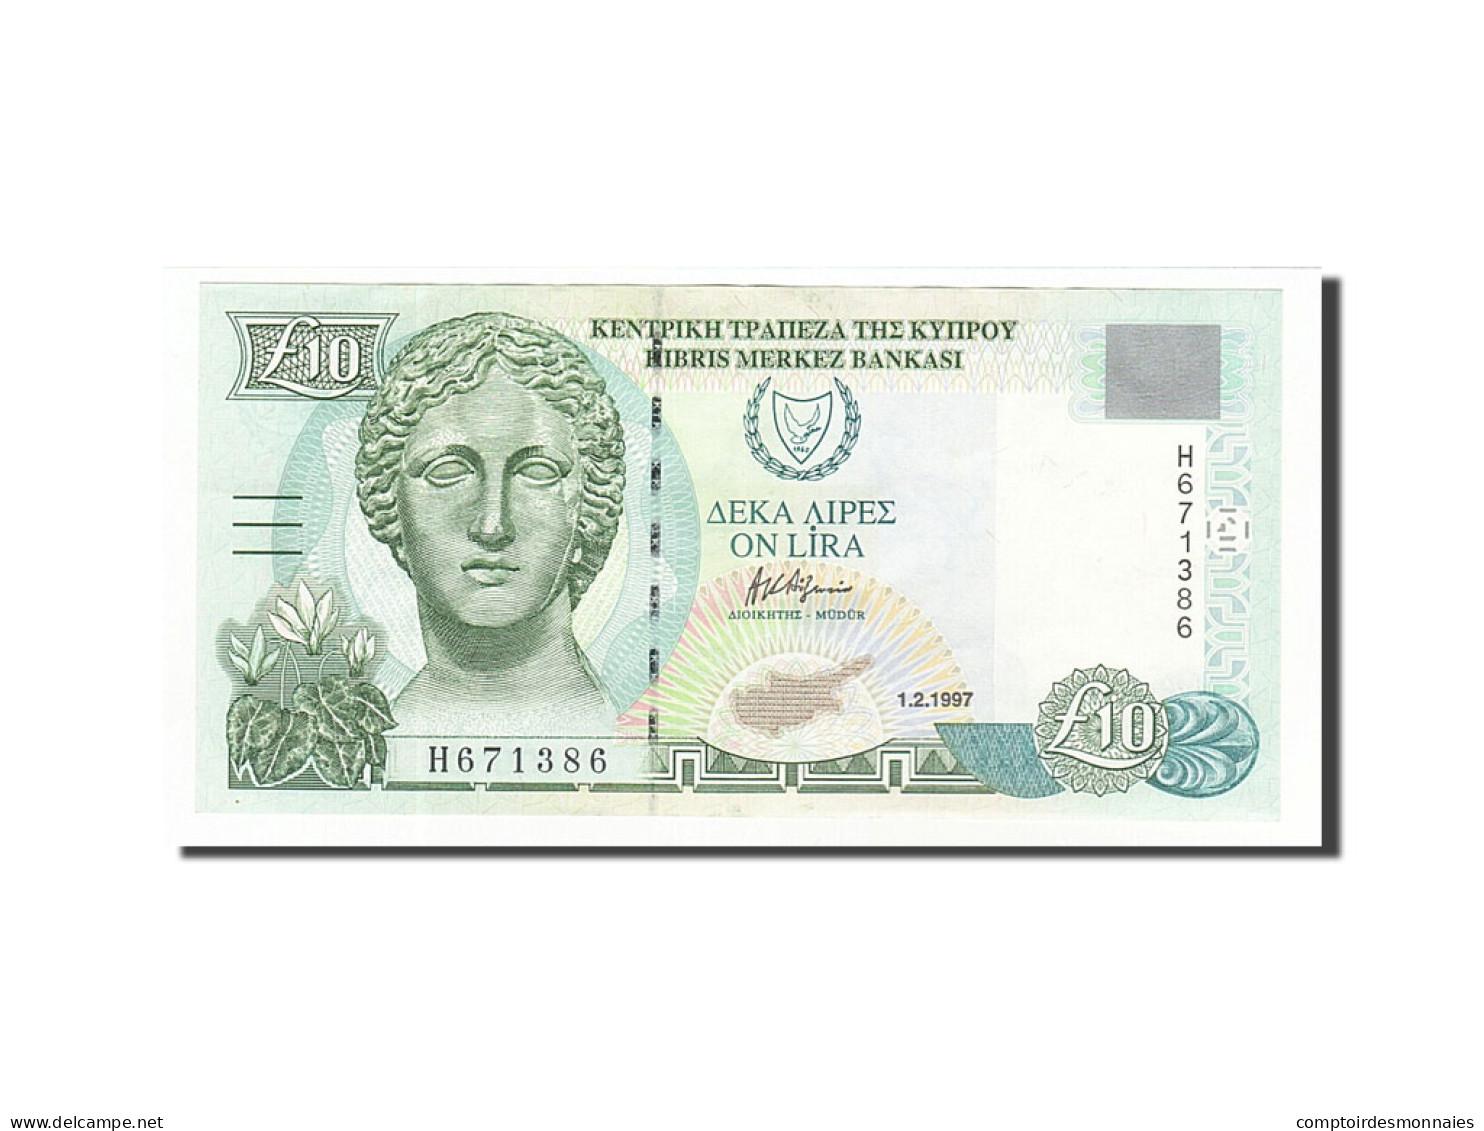 Chypre, 10 Pounds, 1997, 1997-02-01, KM:59, SUP - Chypre